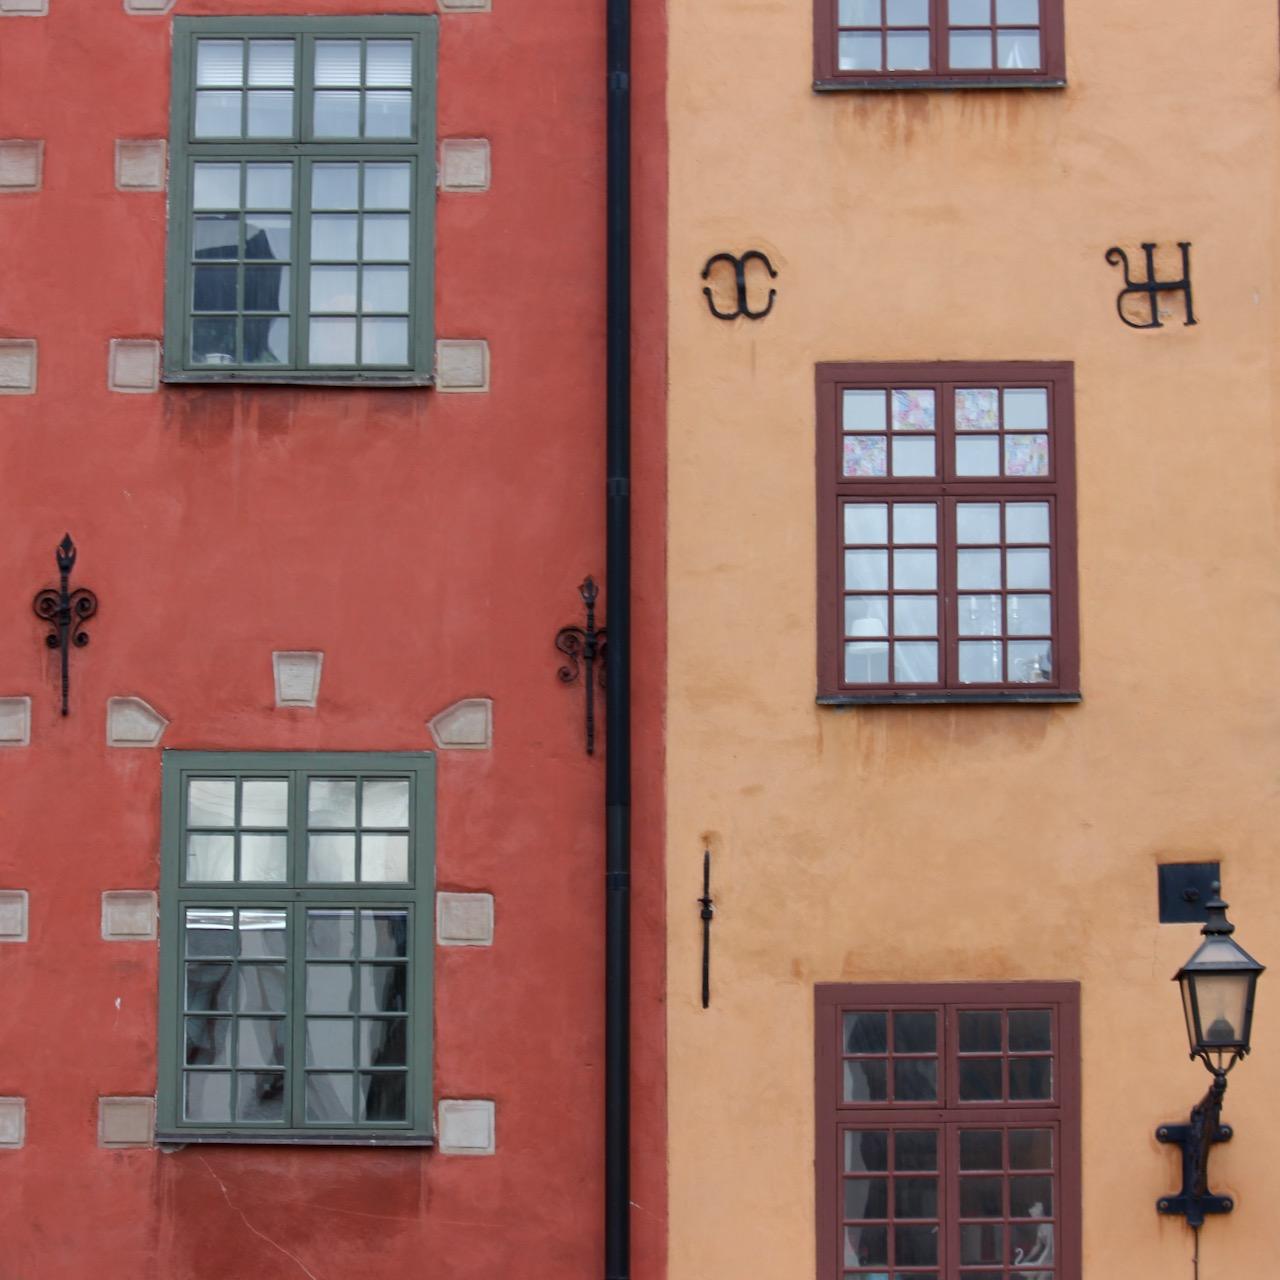 Stockholm, Sweden - 8